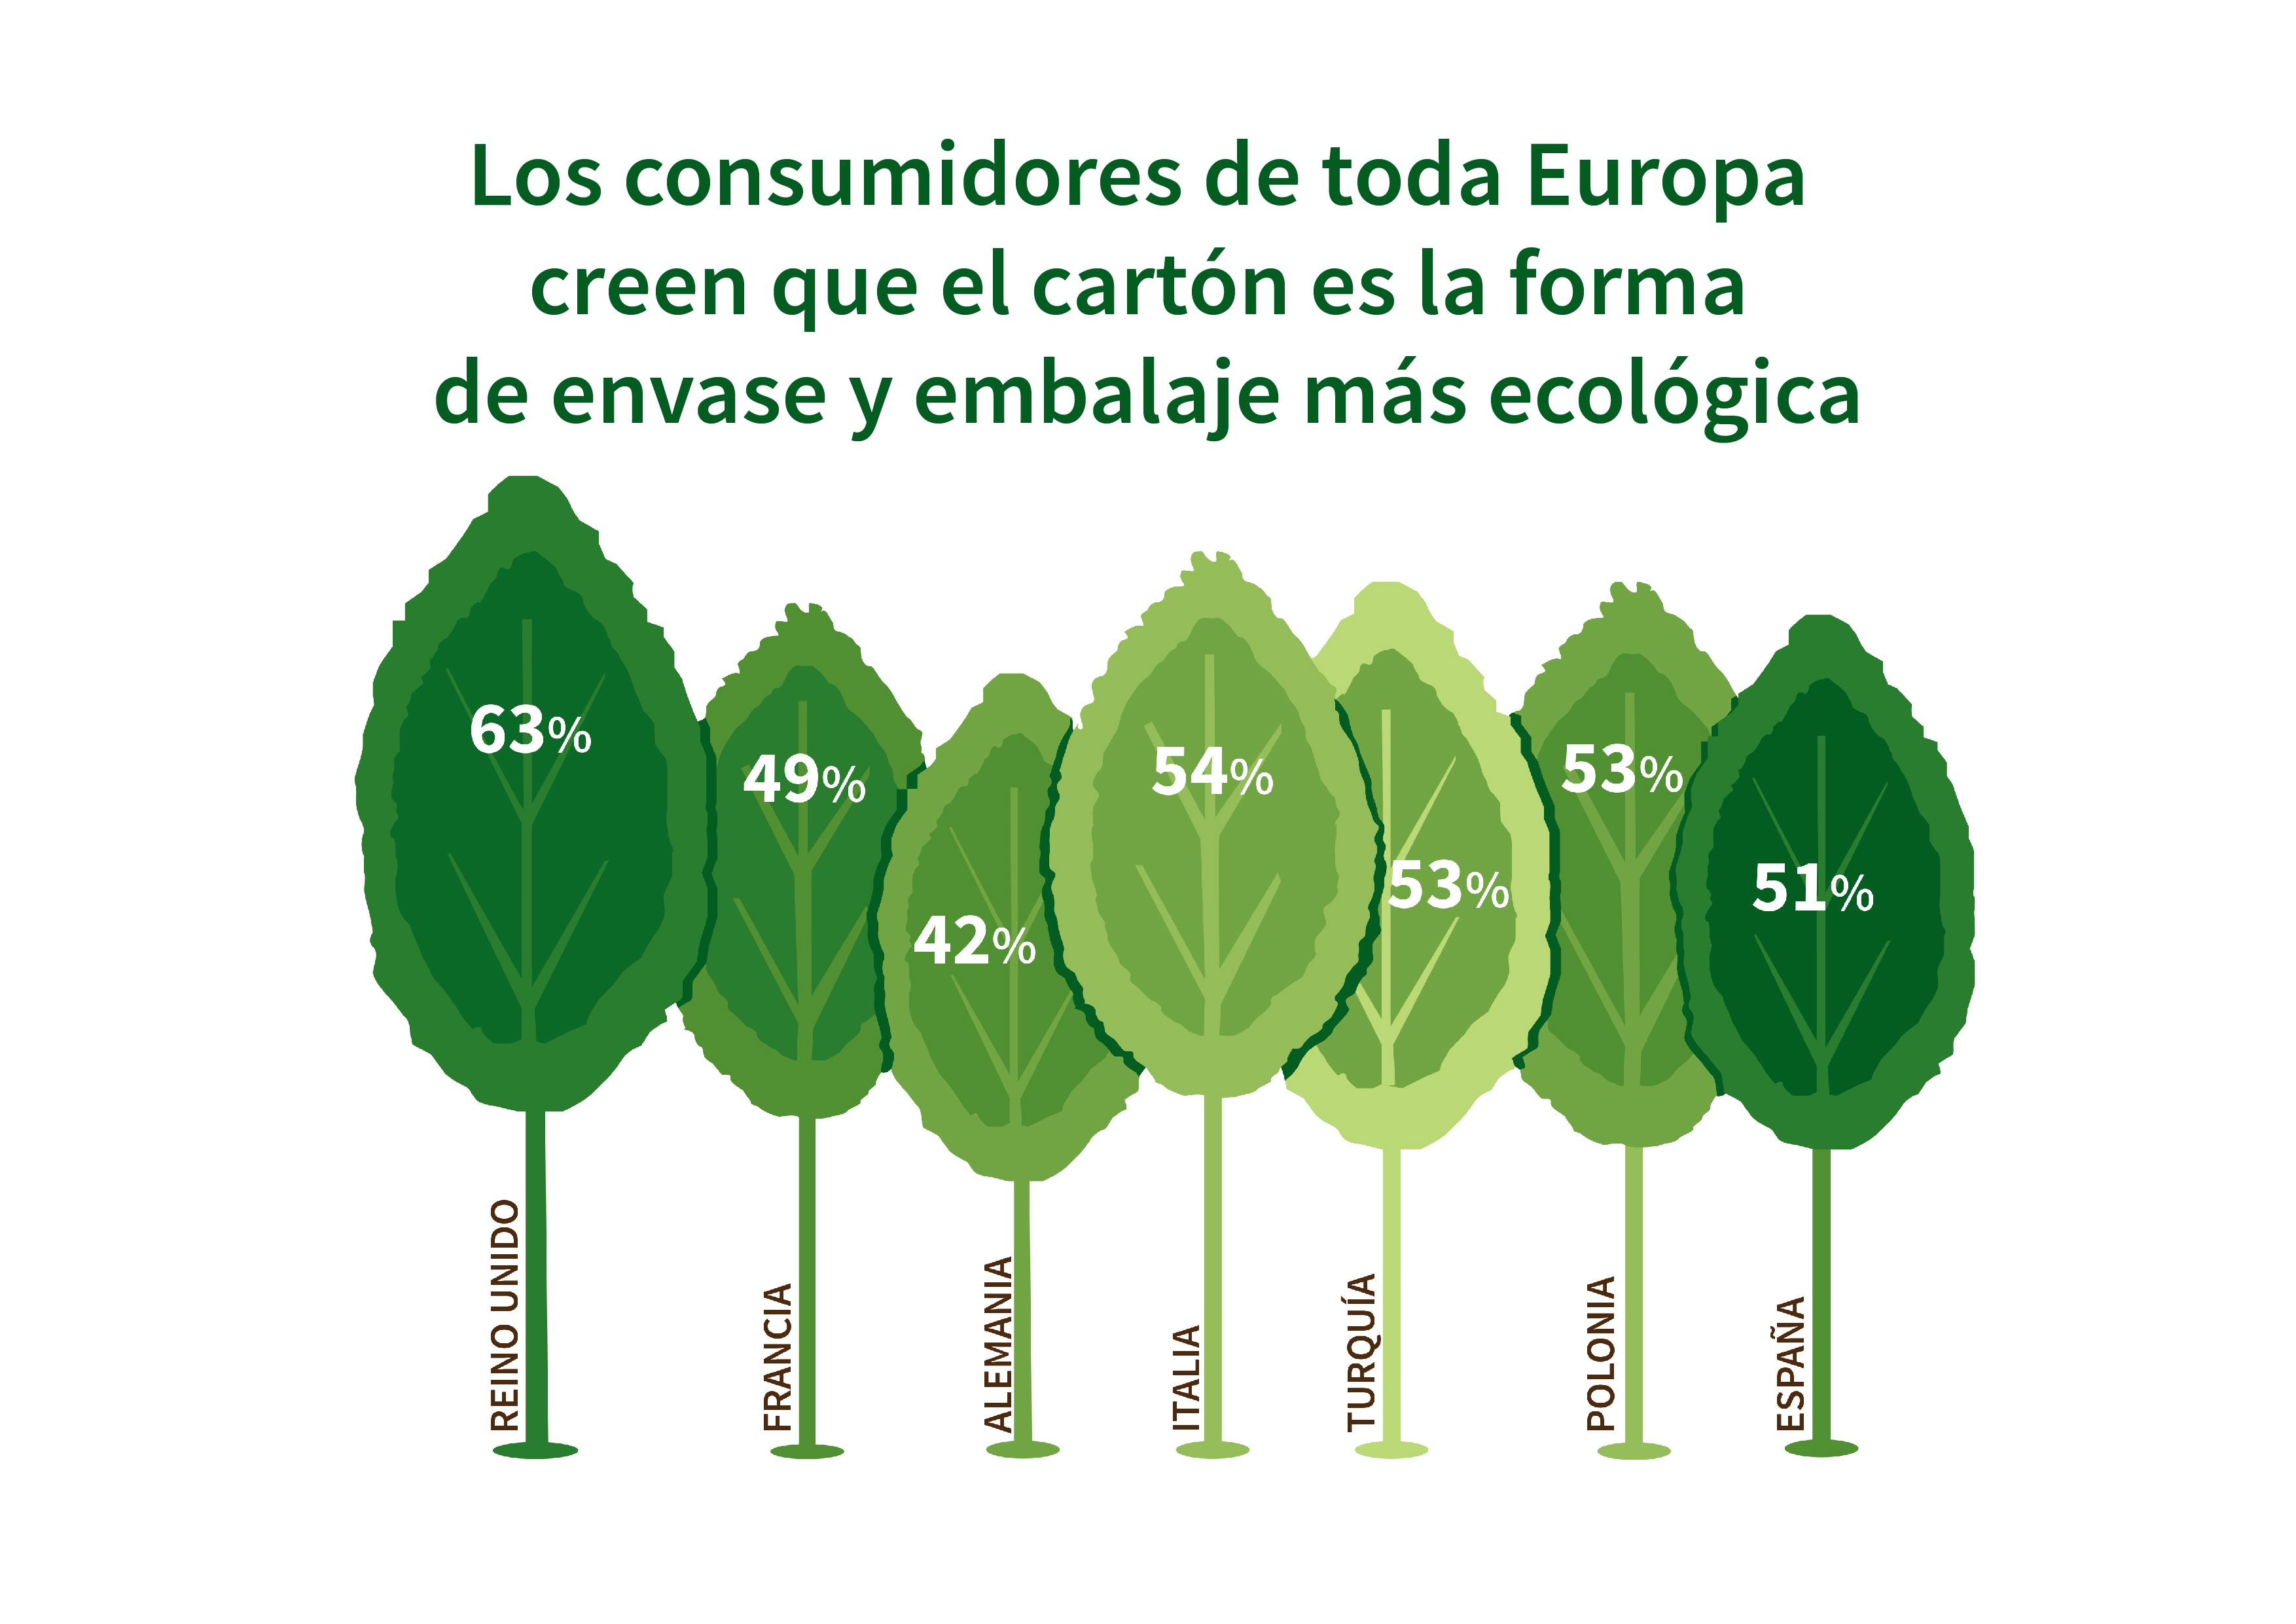 Infografia de la estudio sobre las percepciones de los envases y embalajes de carton en el consumidor Europeo